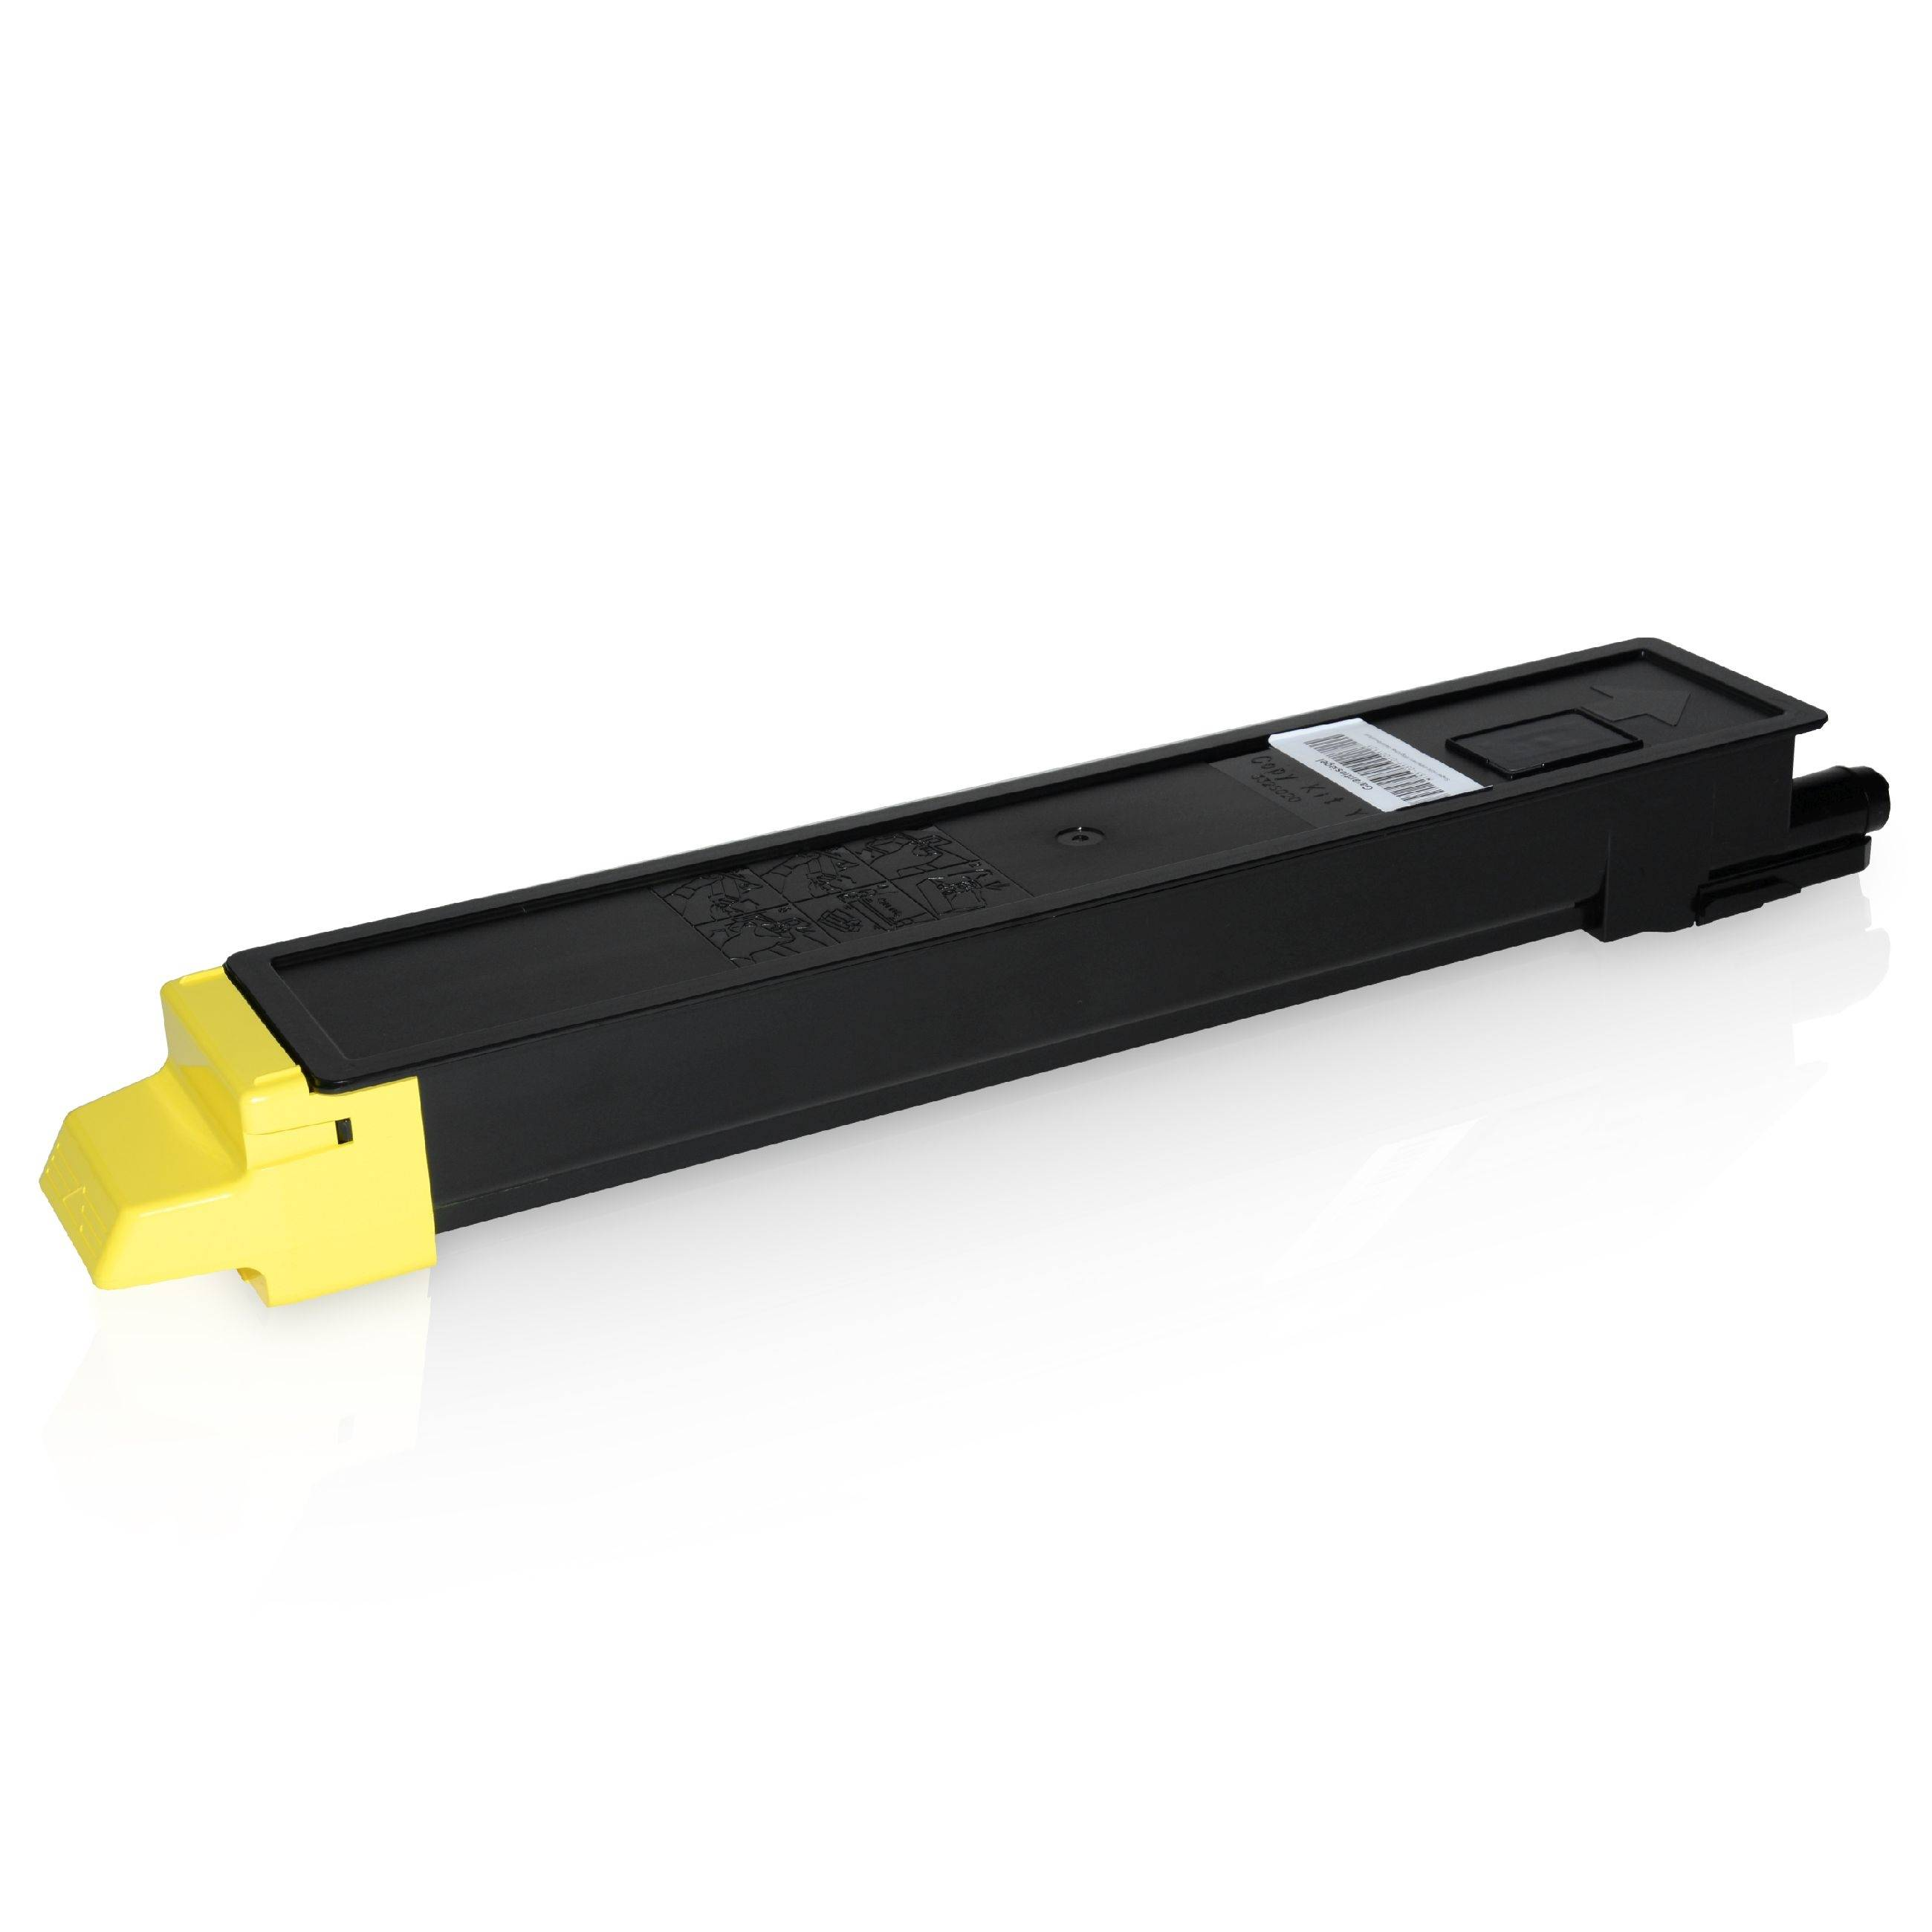 Utax Cartouche de Toner pour Utax 652511016 jaune compatible (de marque ASC)